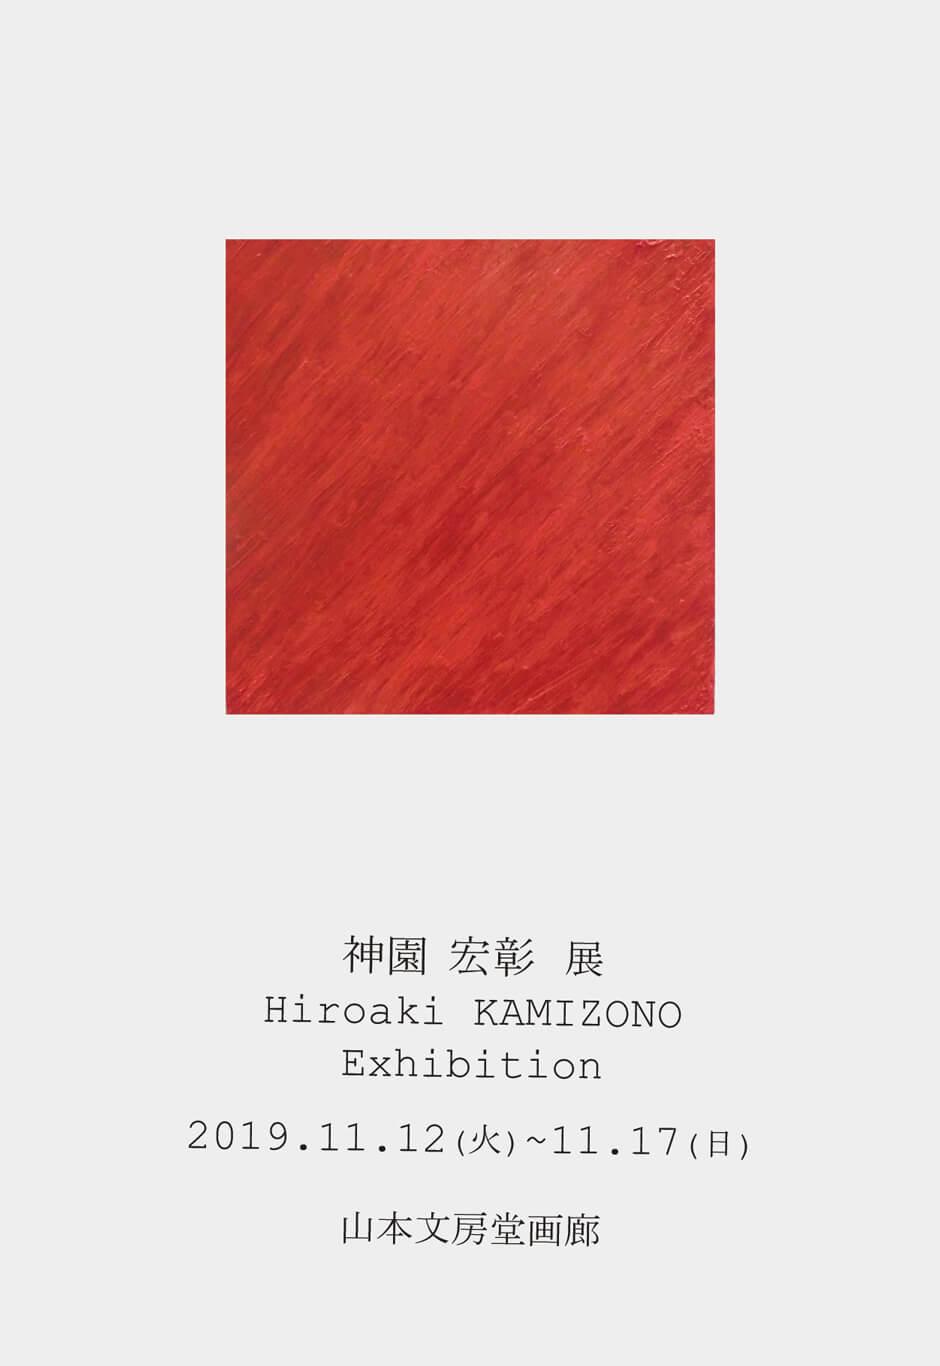 yamambum-201911-神園宏彰 展